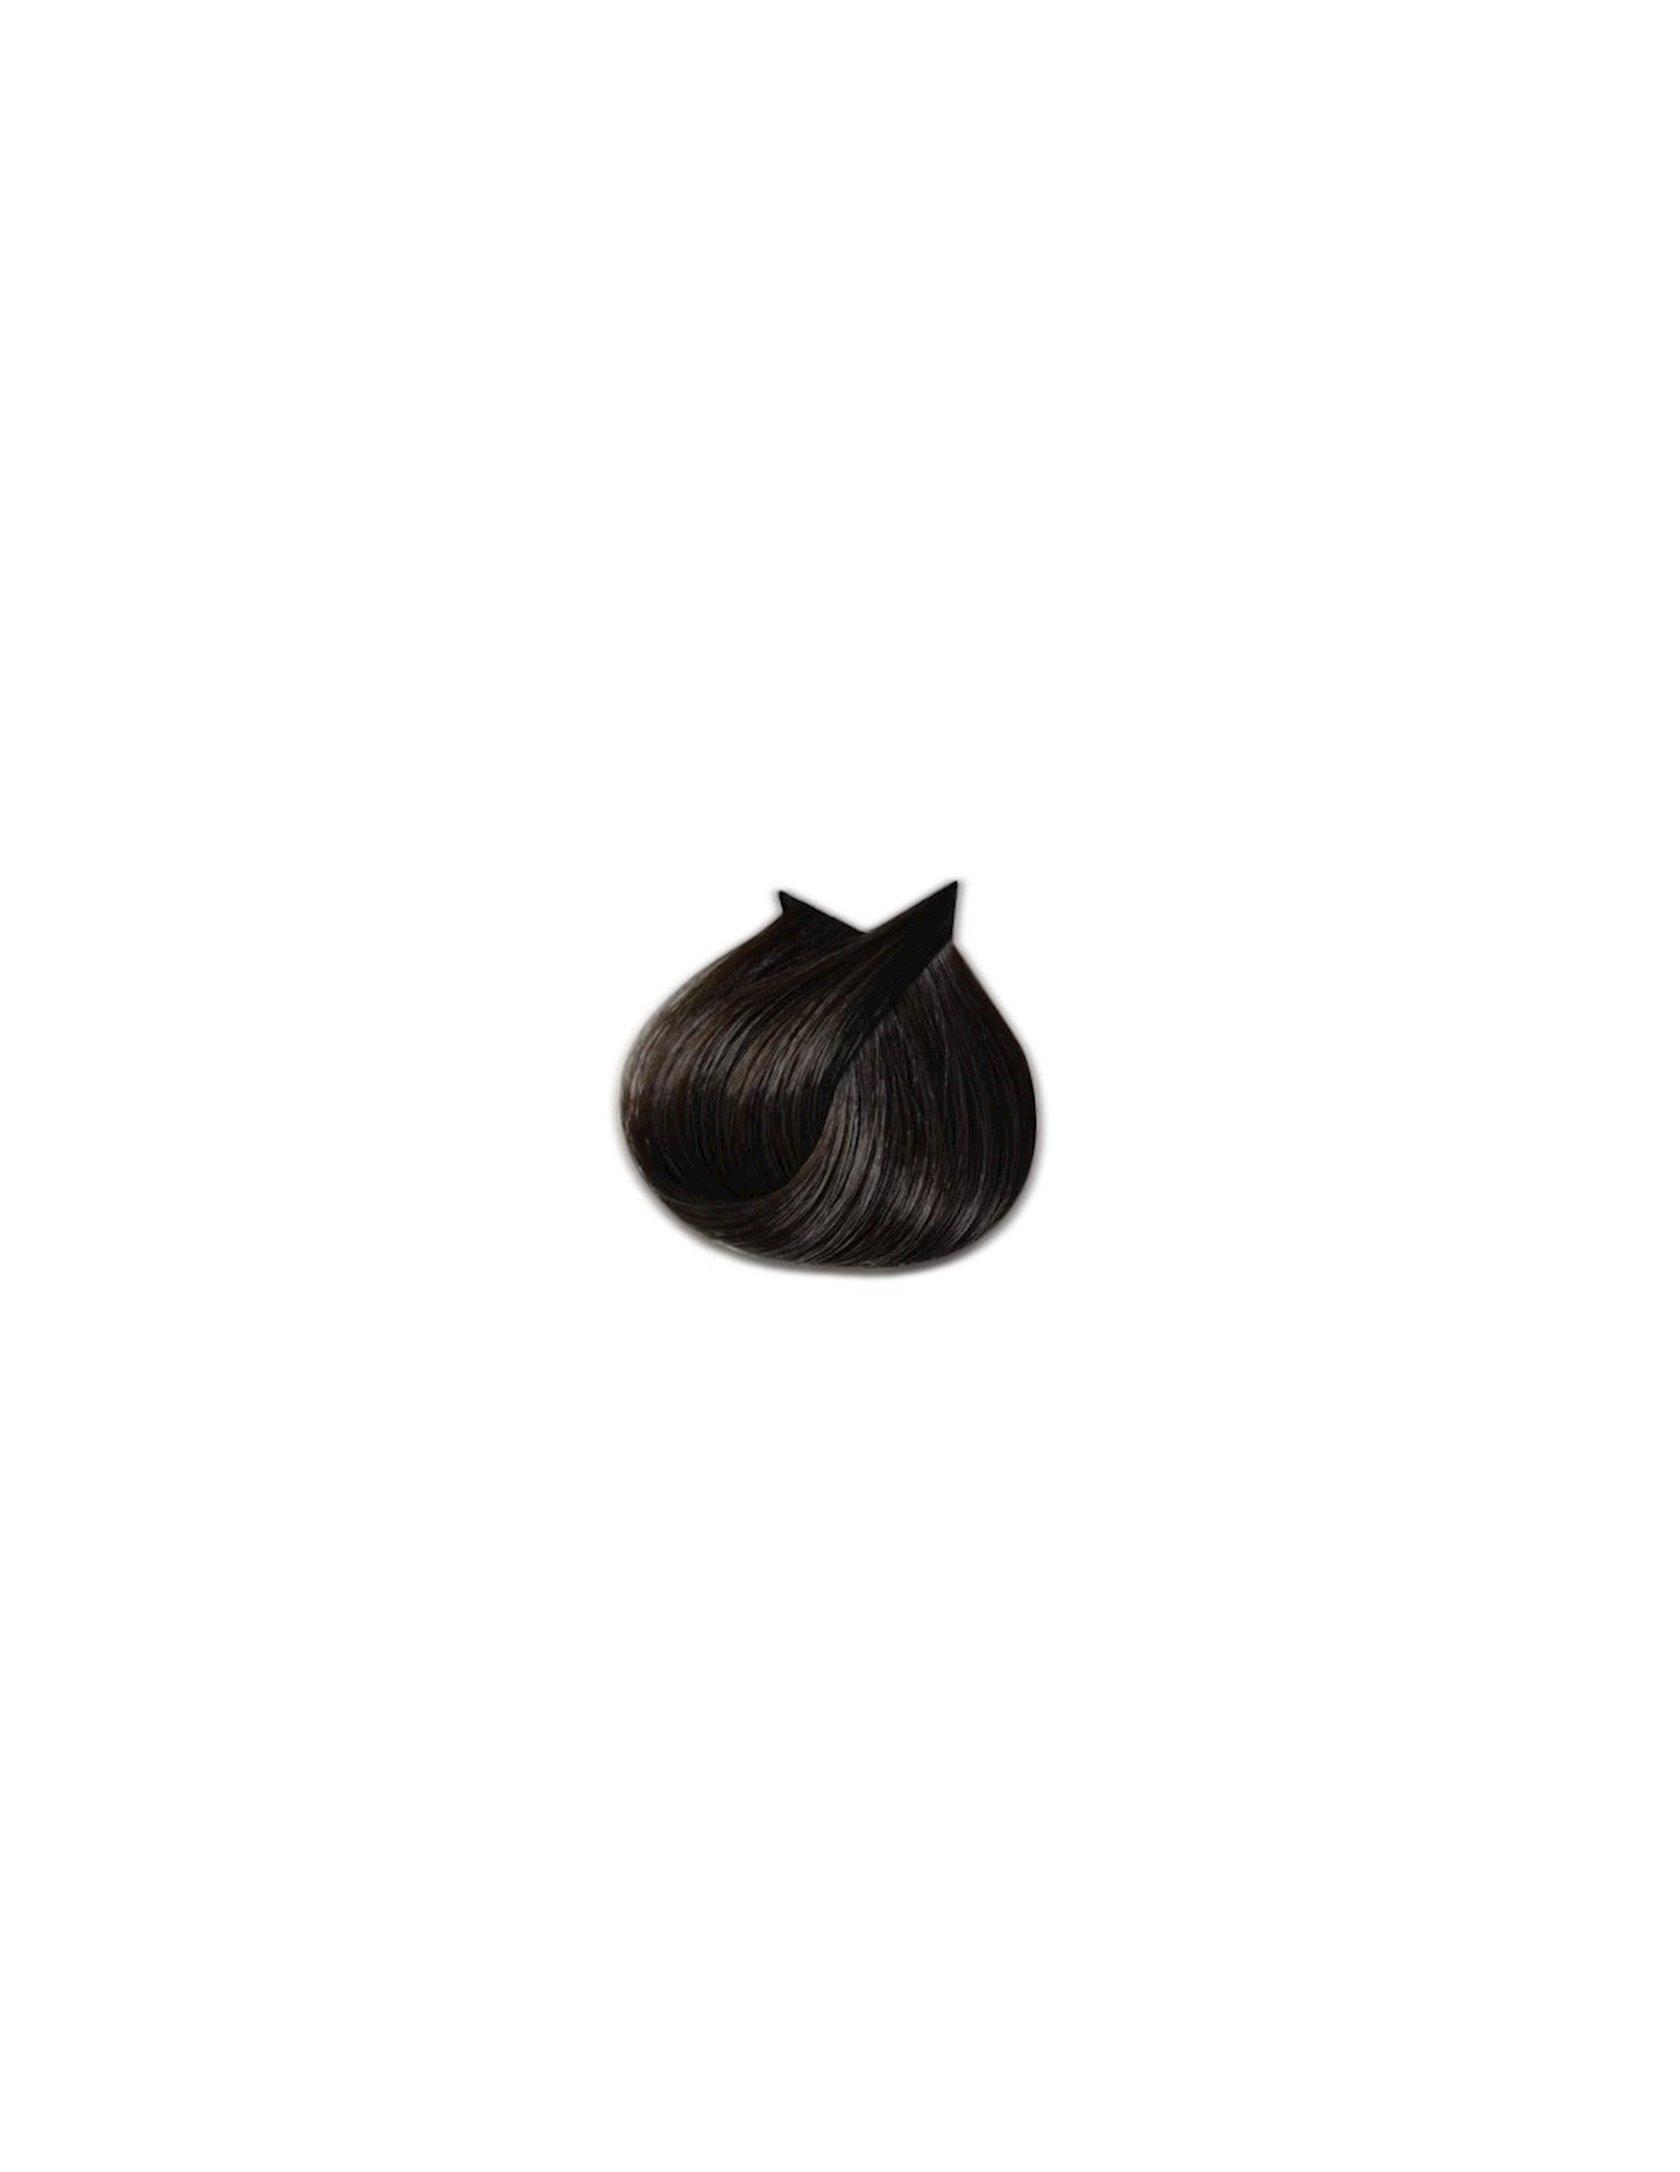 Saç üçün qalıcı krem-boya Farmavita Life Color Plus 4.0 Qəhvəyi